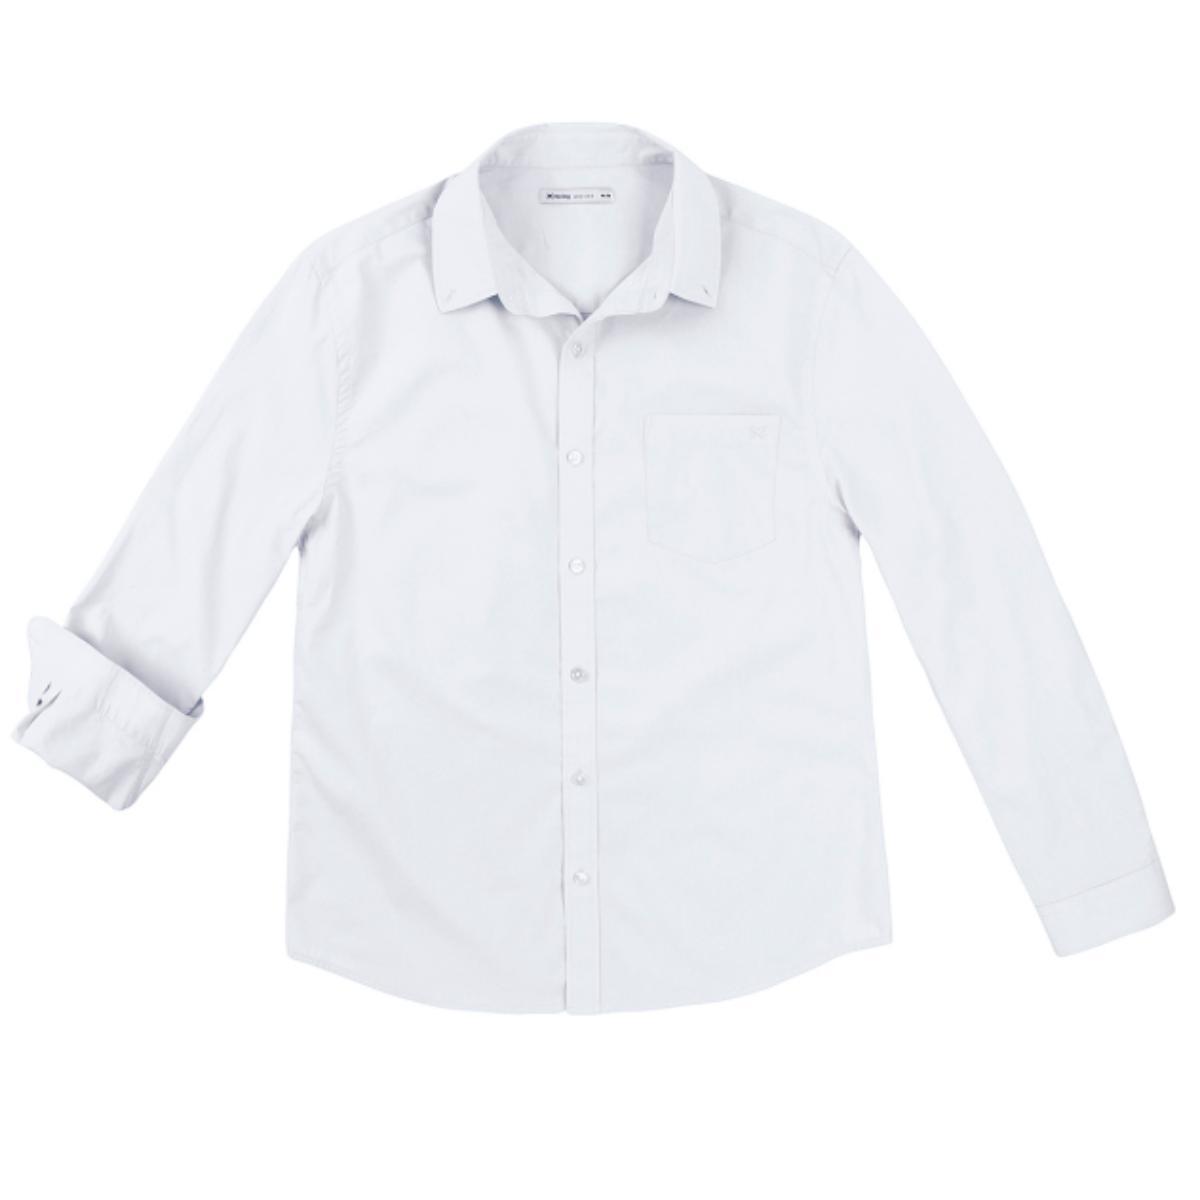 Camisa Masculina Hering K4an N0asi Branco